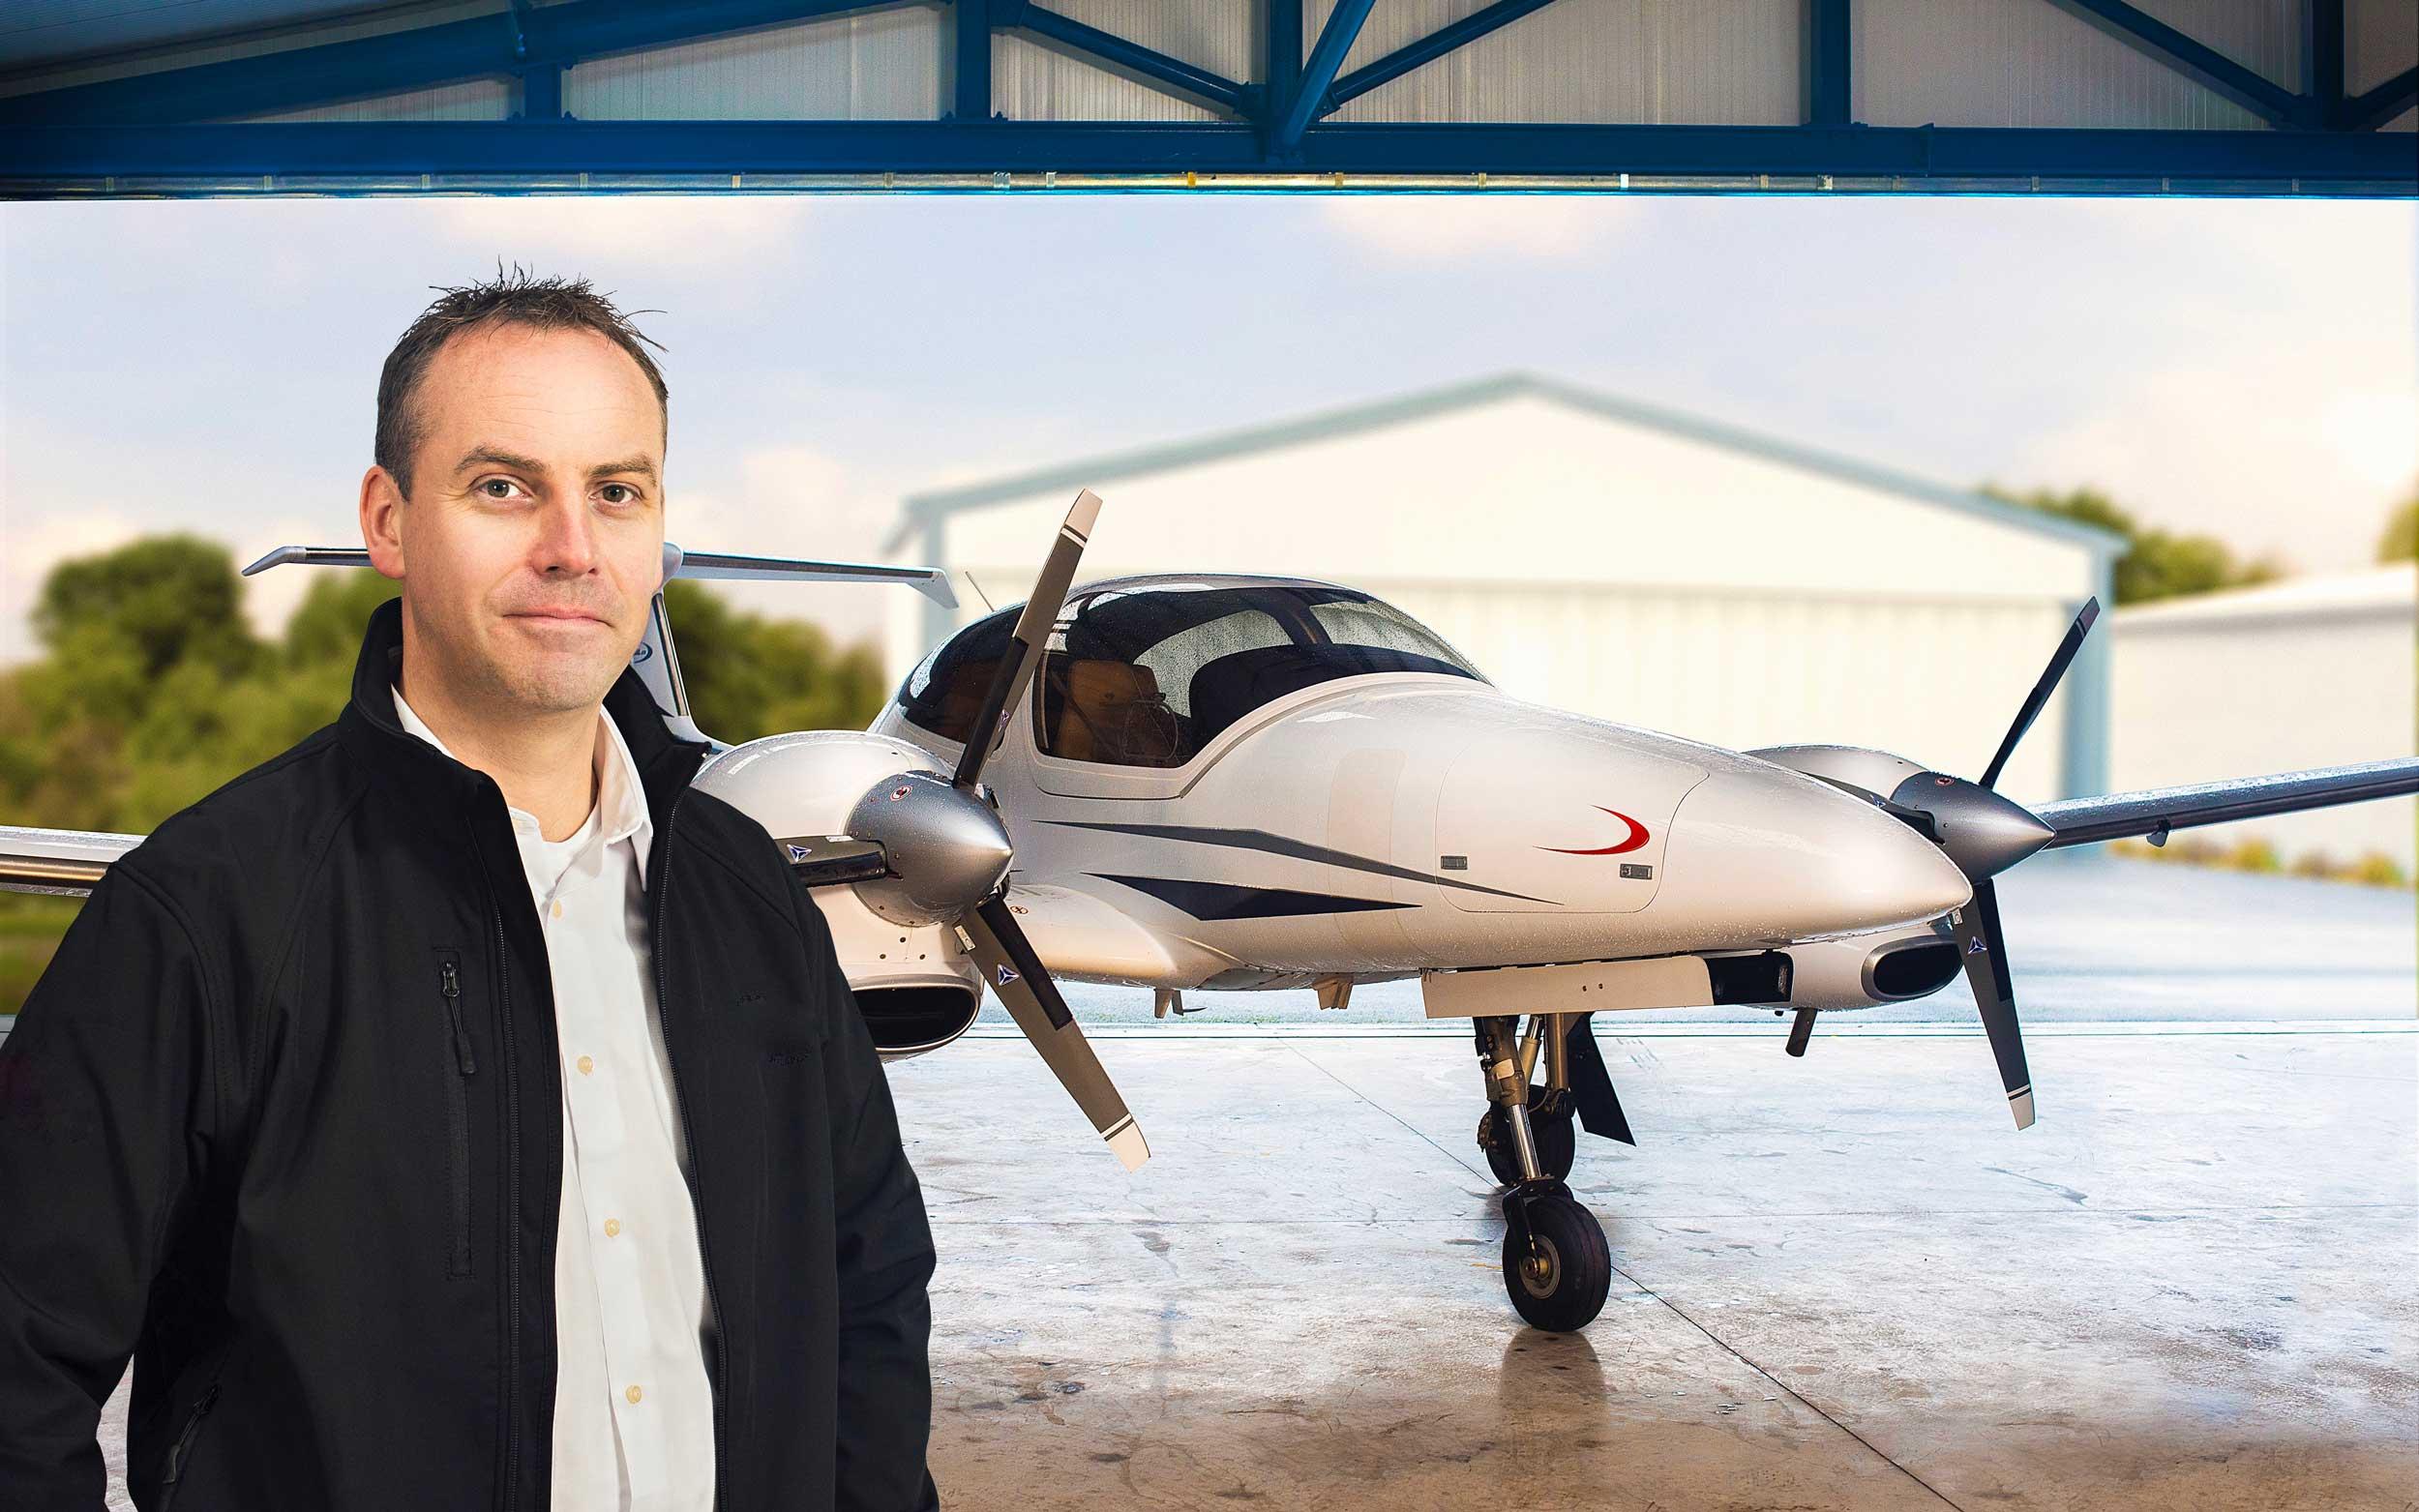 ACS Aviation